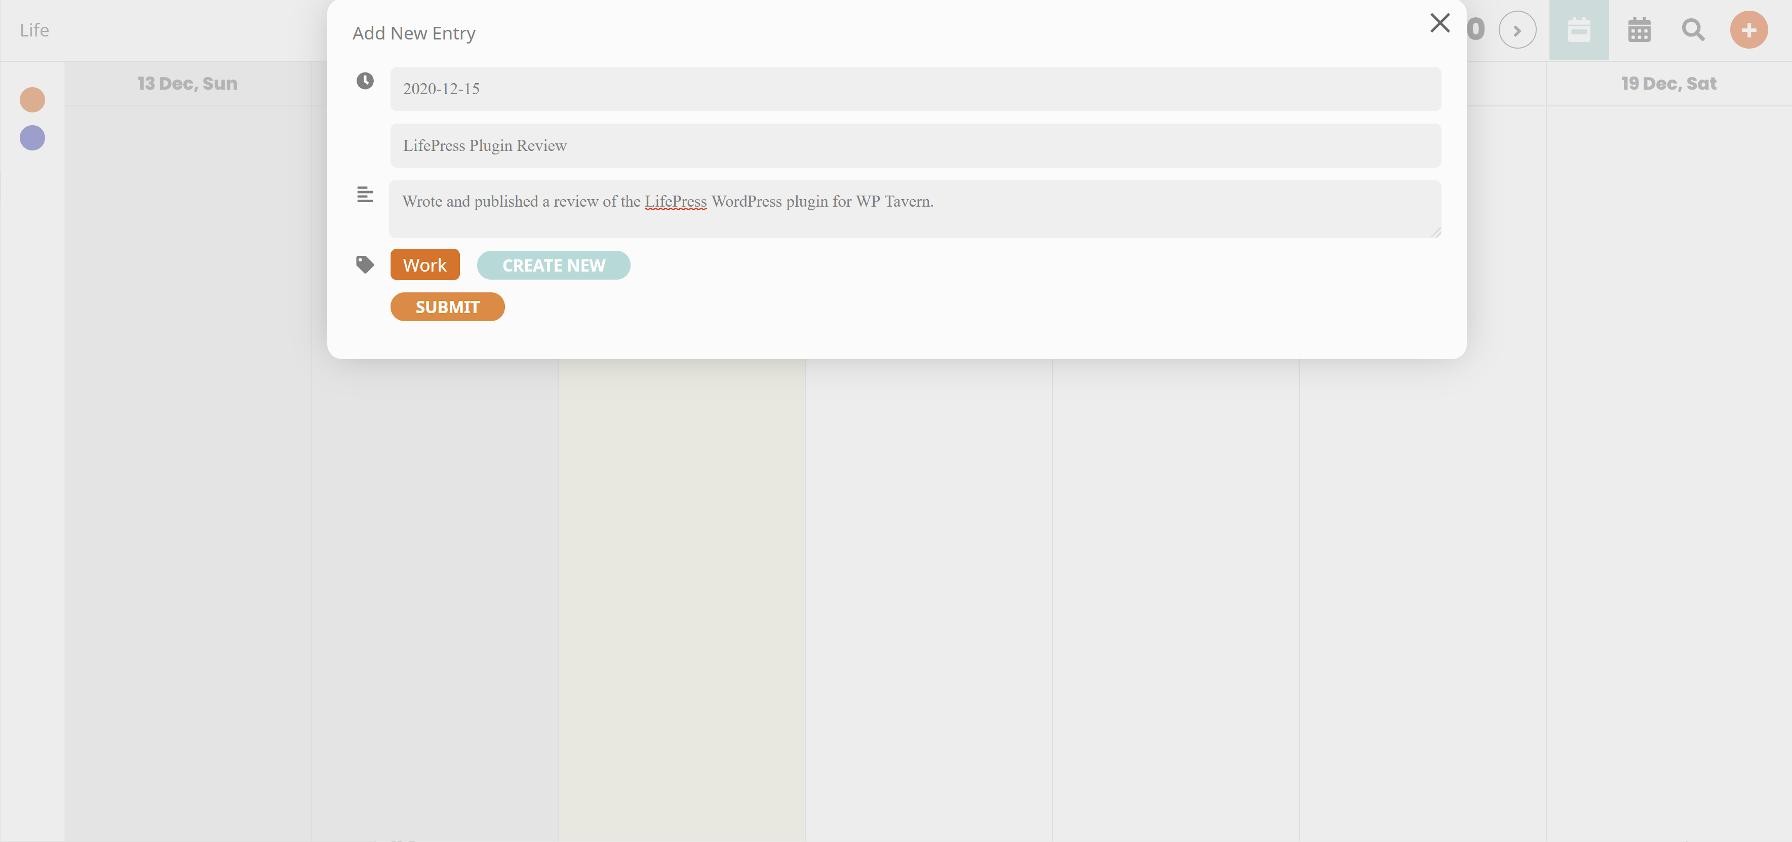 Adicionar uma nova entrada de calendário com o plugin LifePress WordPress.